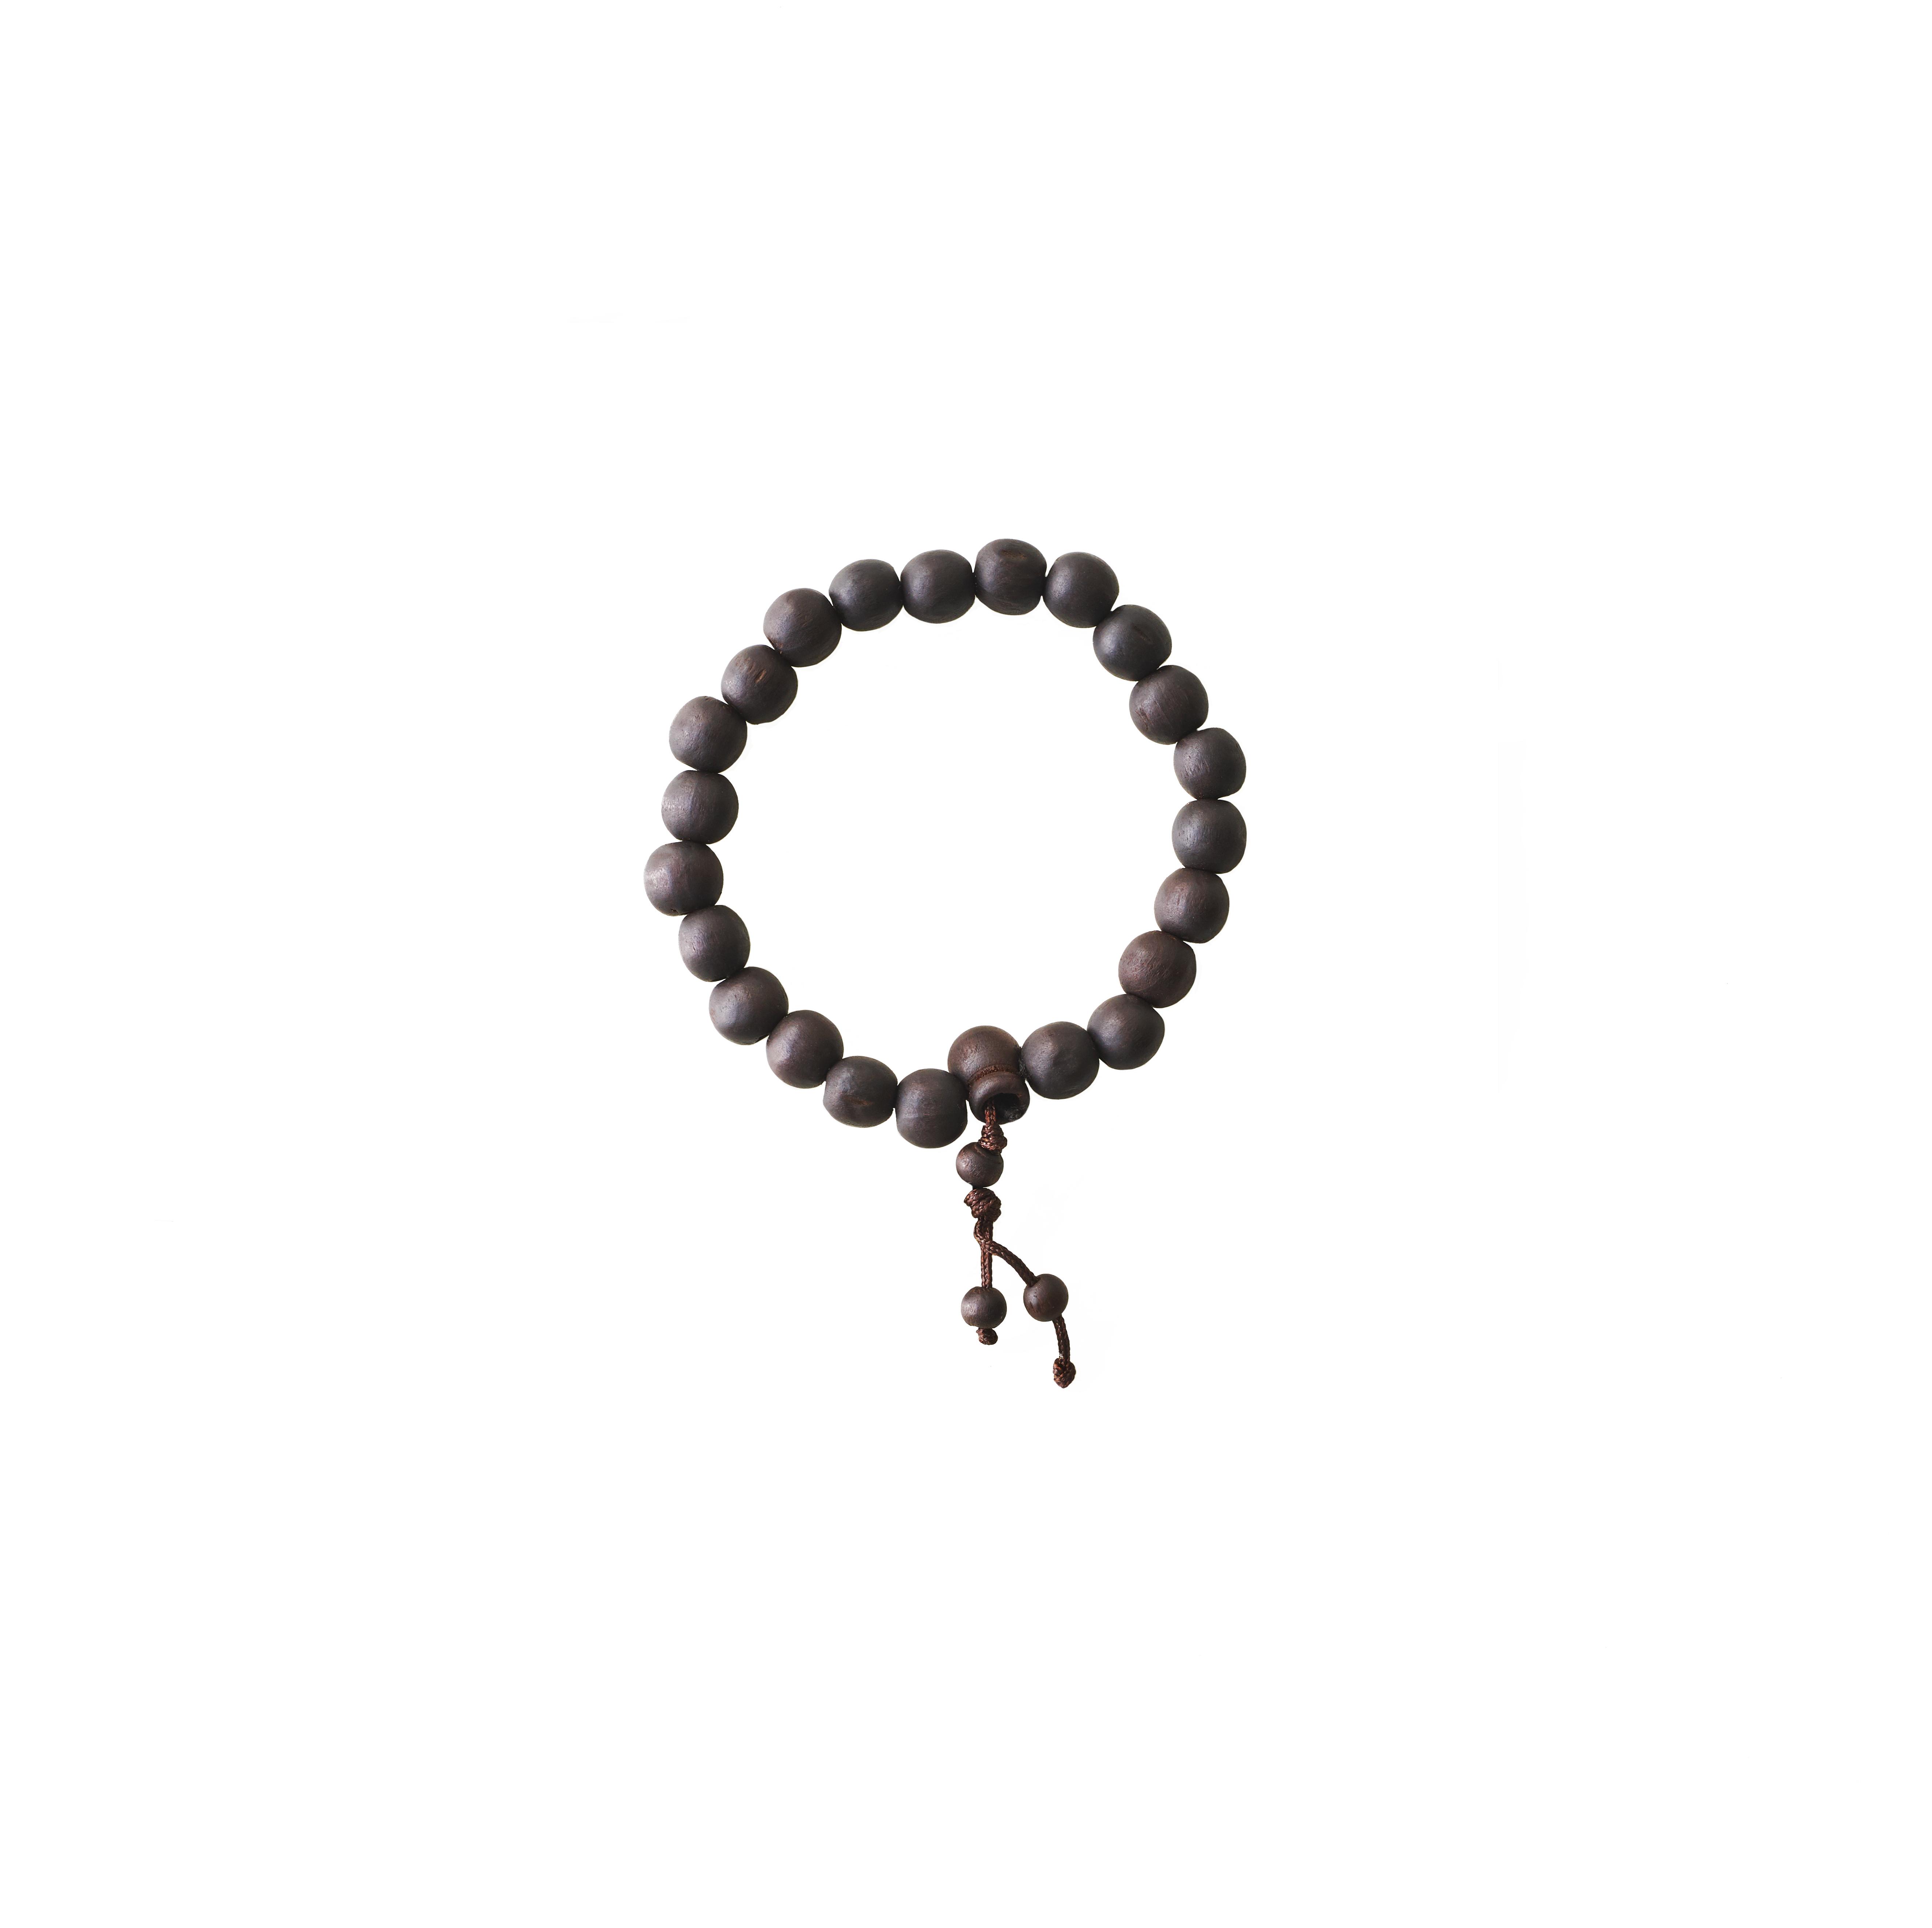 2018-0408_dark-bracelet-034_NO-COIN